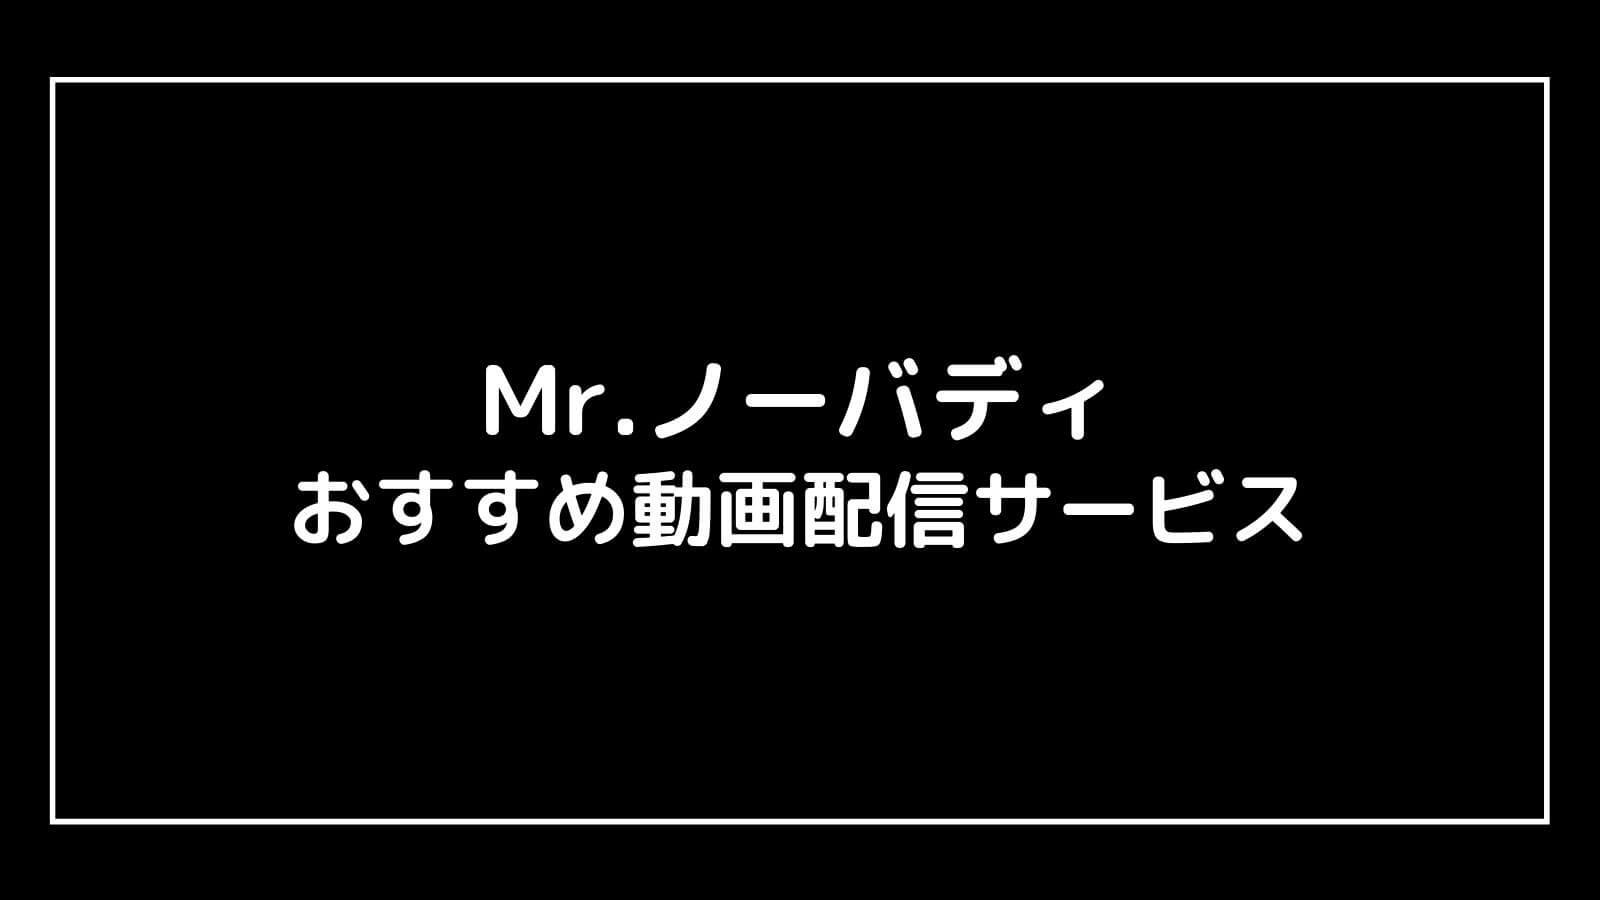 映画『Mr.ノーバディ』の配信を無料視聴できるおすすめ動画配信サイト